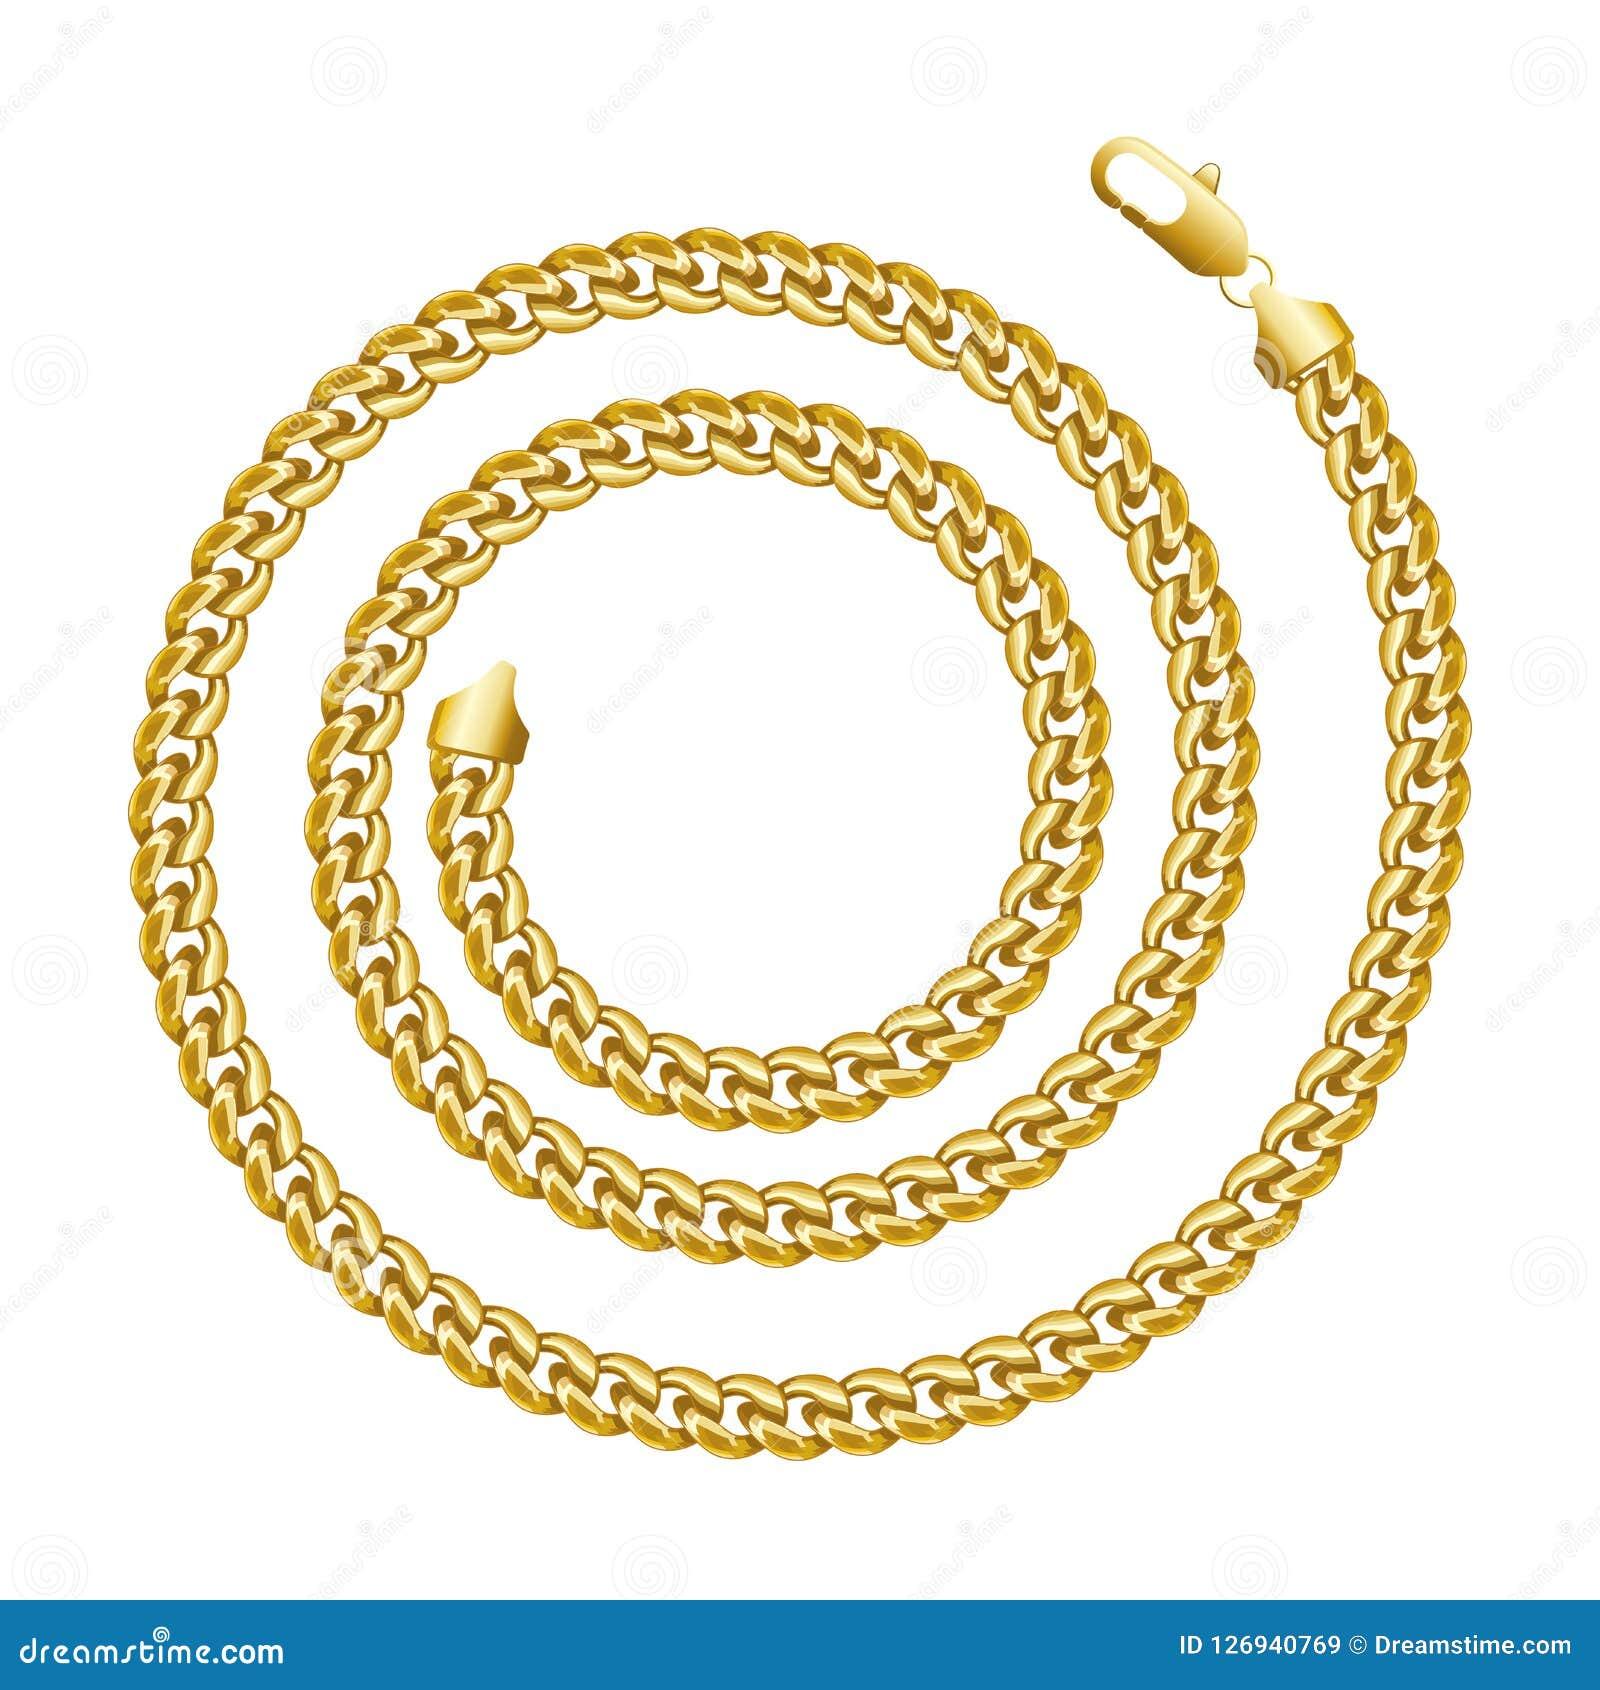 Golden chain round spiral border frame. Wreath circle shape.